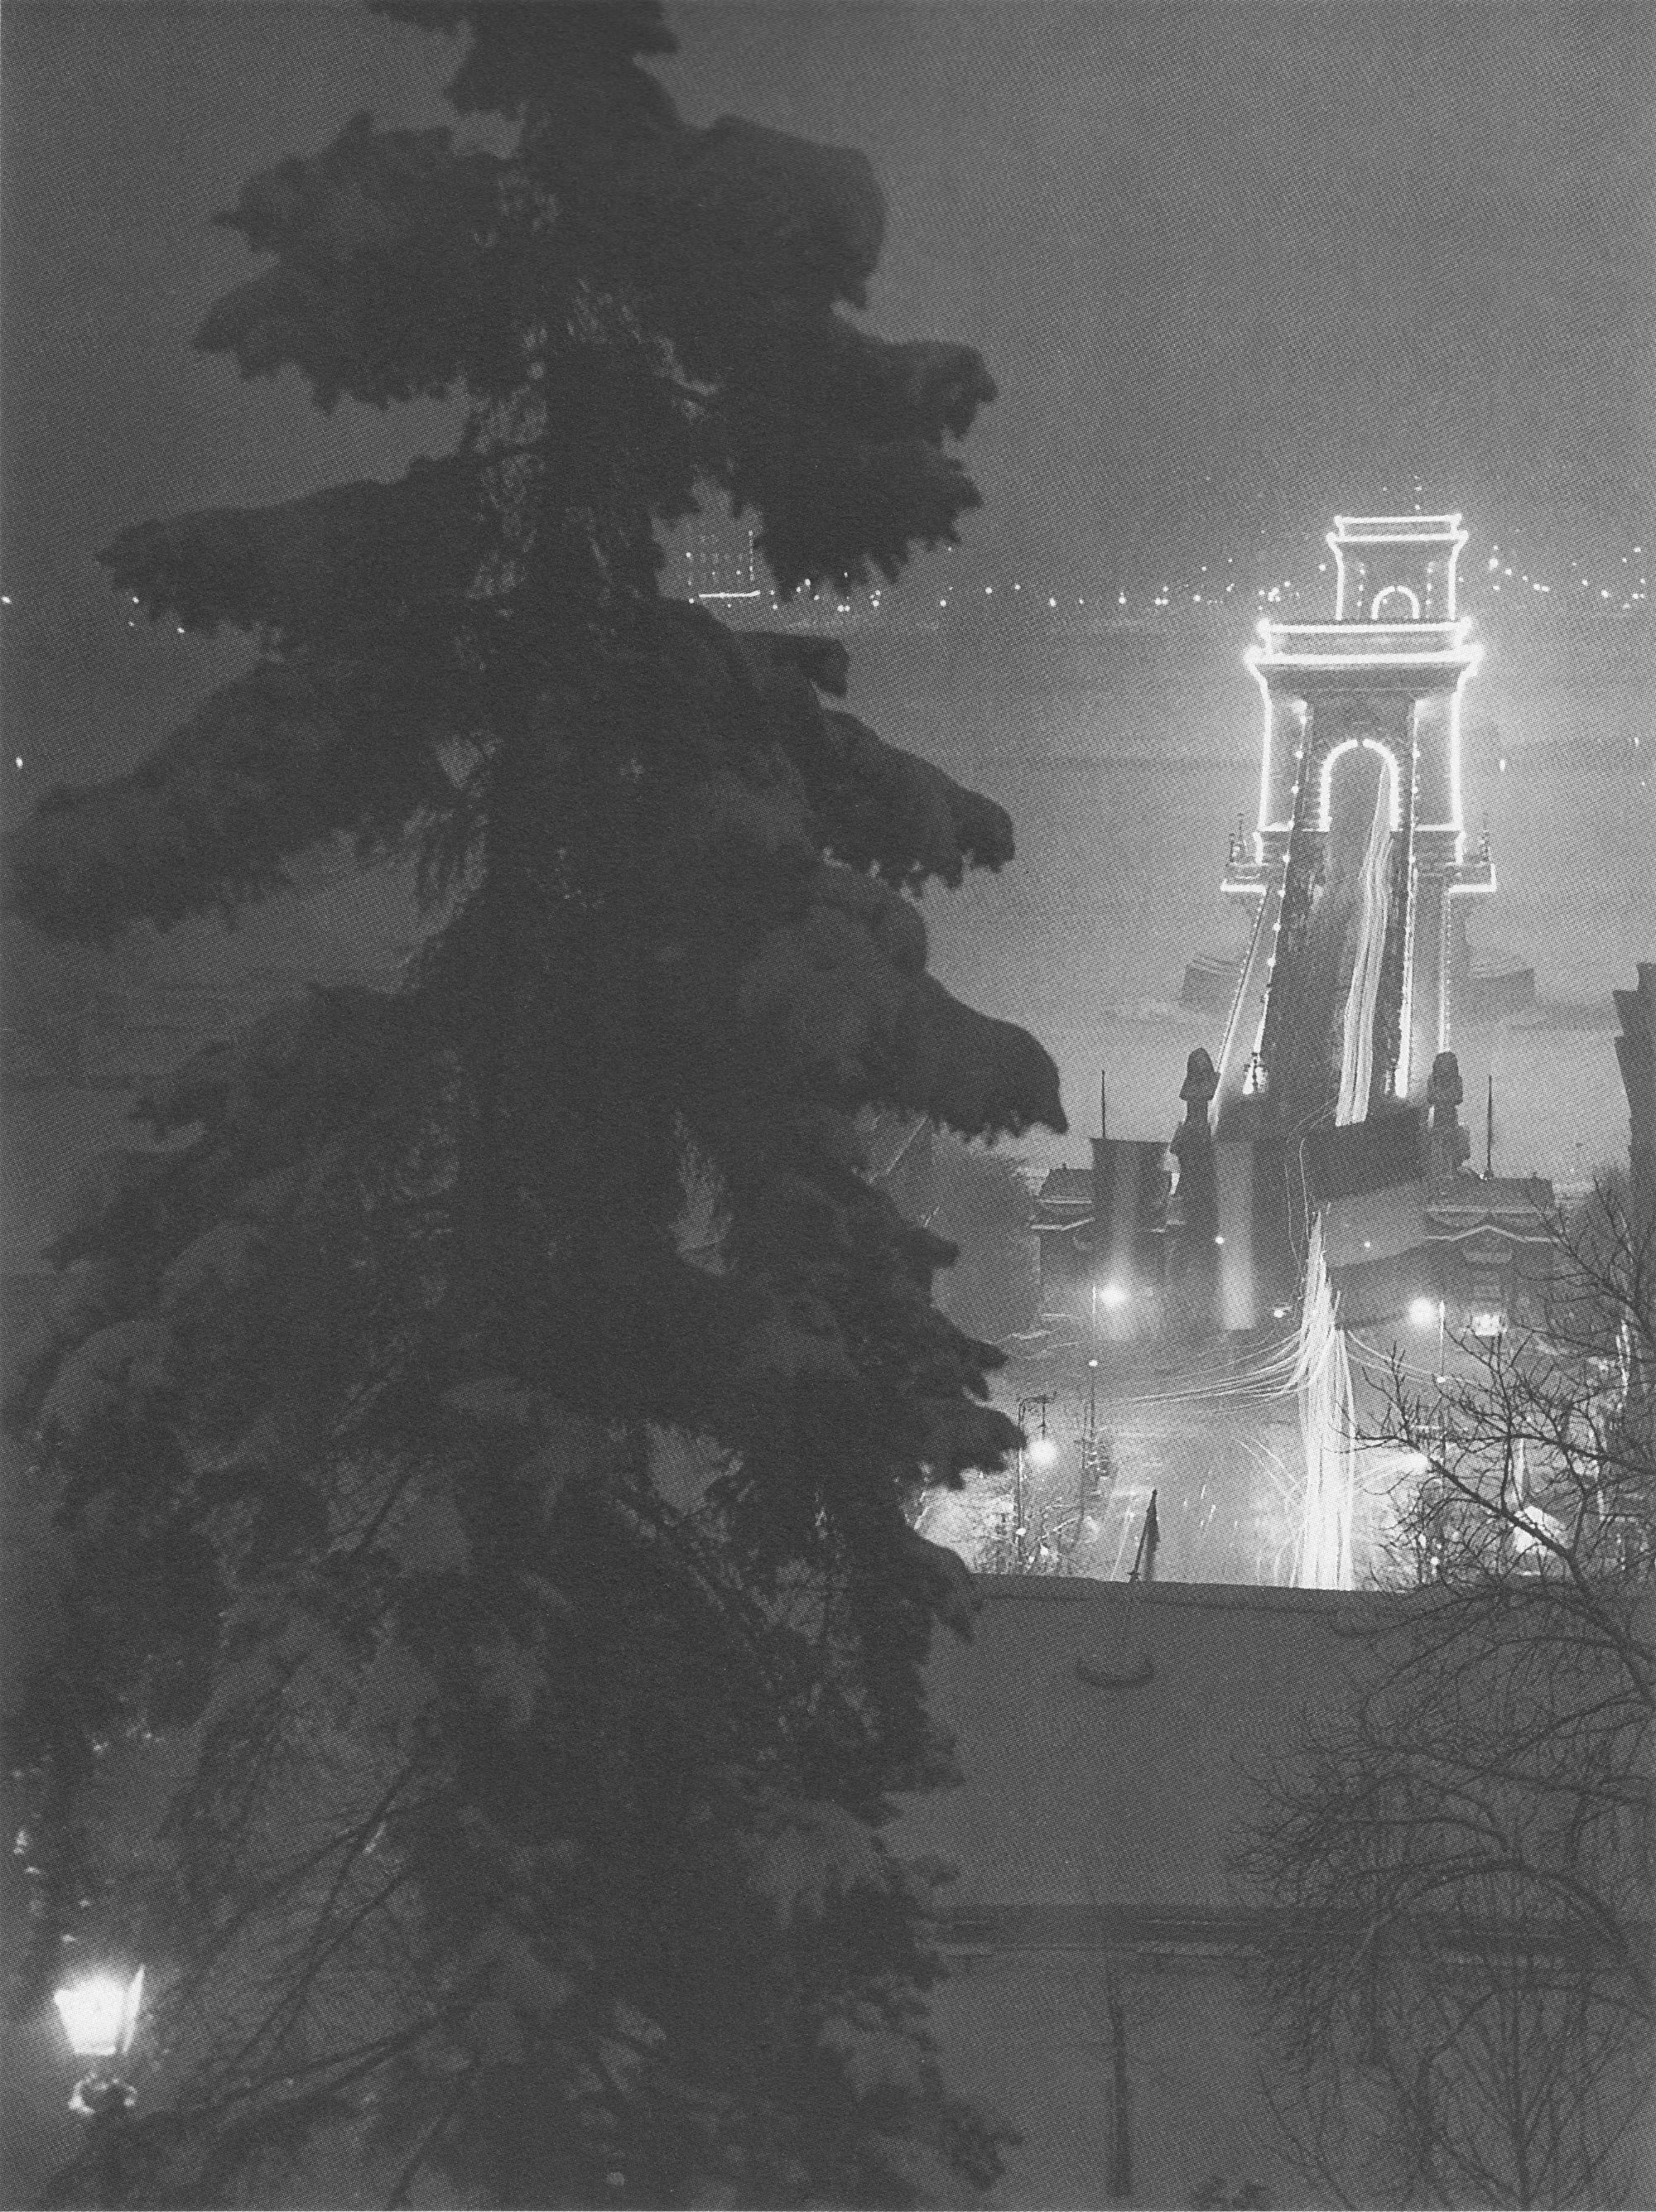 Fotó: Dulovits Jenő: A Lánchíd ünnepi díszkivilágítása egy téli estén, 1930-as évek vége © Fejér Zoltán gyűjteménye